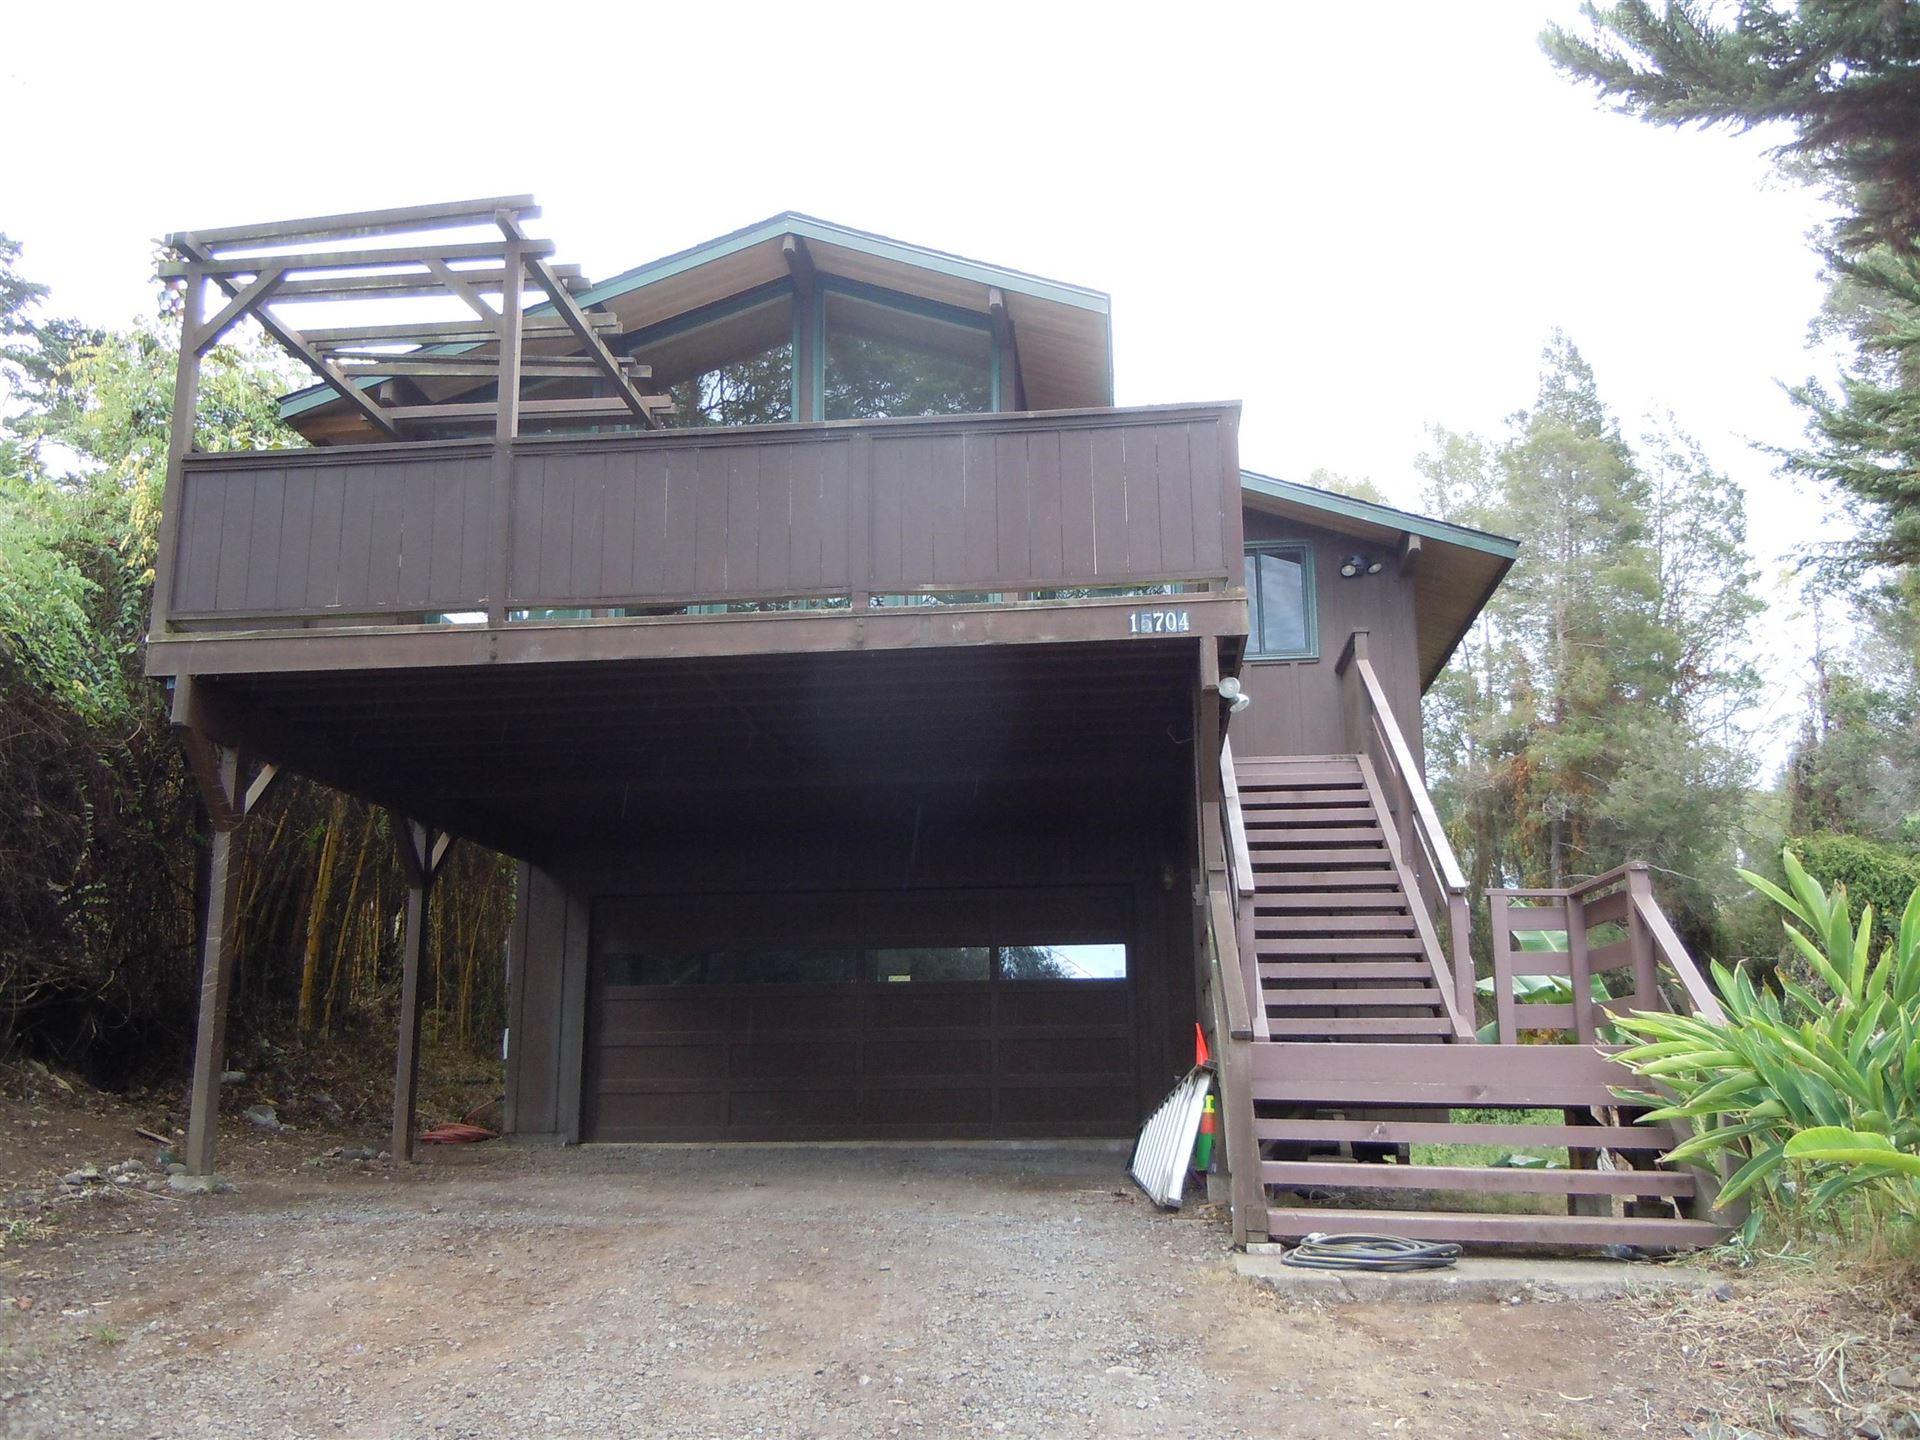 Photo of 15700 Haleakala Hwy, Kula, HI 96790 (MLS # 393113)